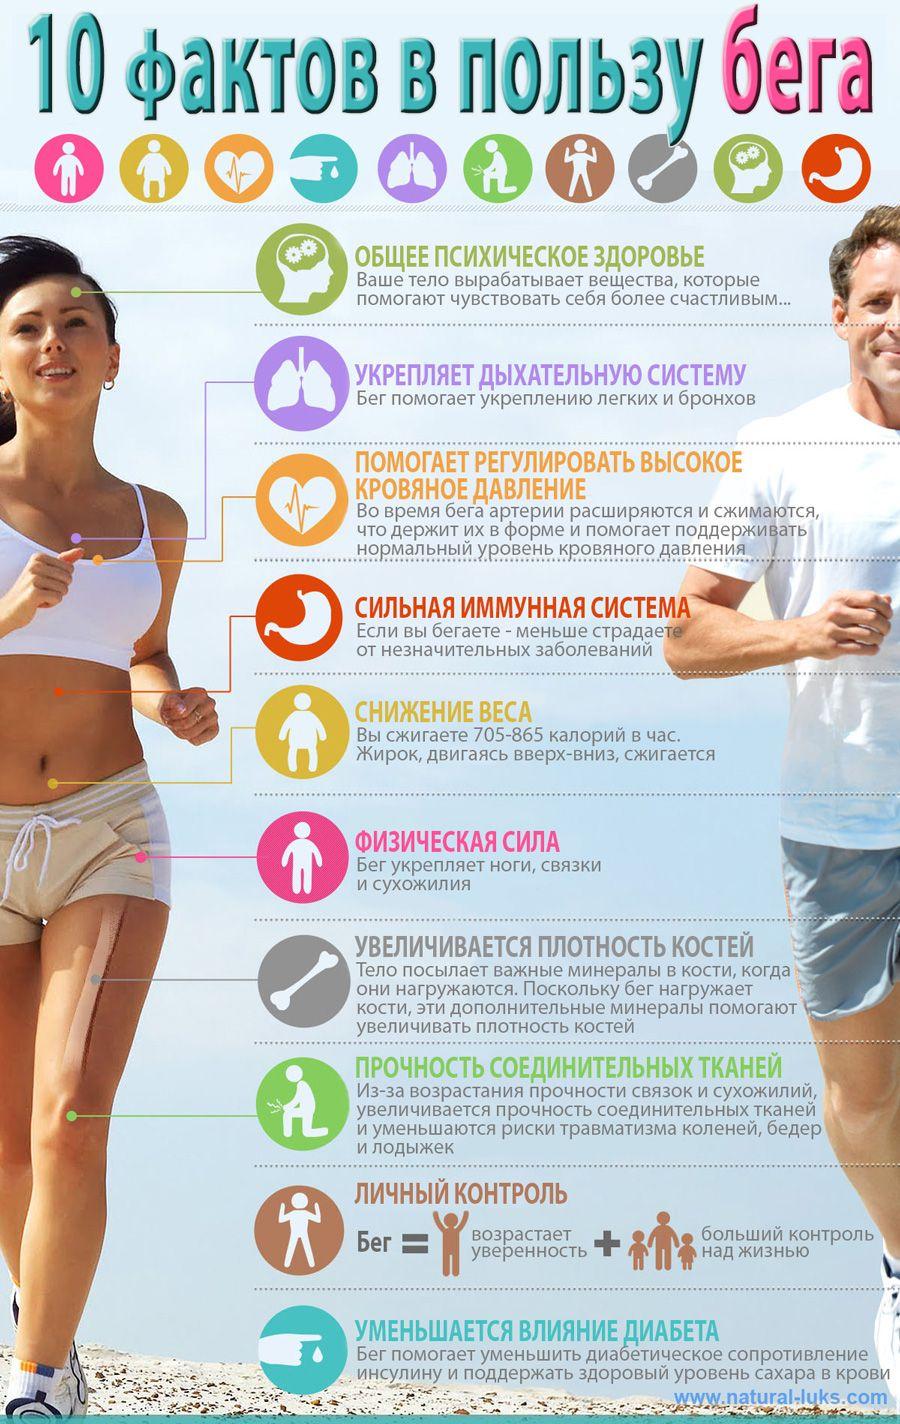 Когда лучше начать бегать для похудения